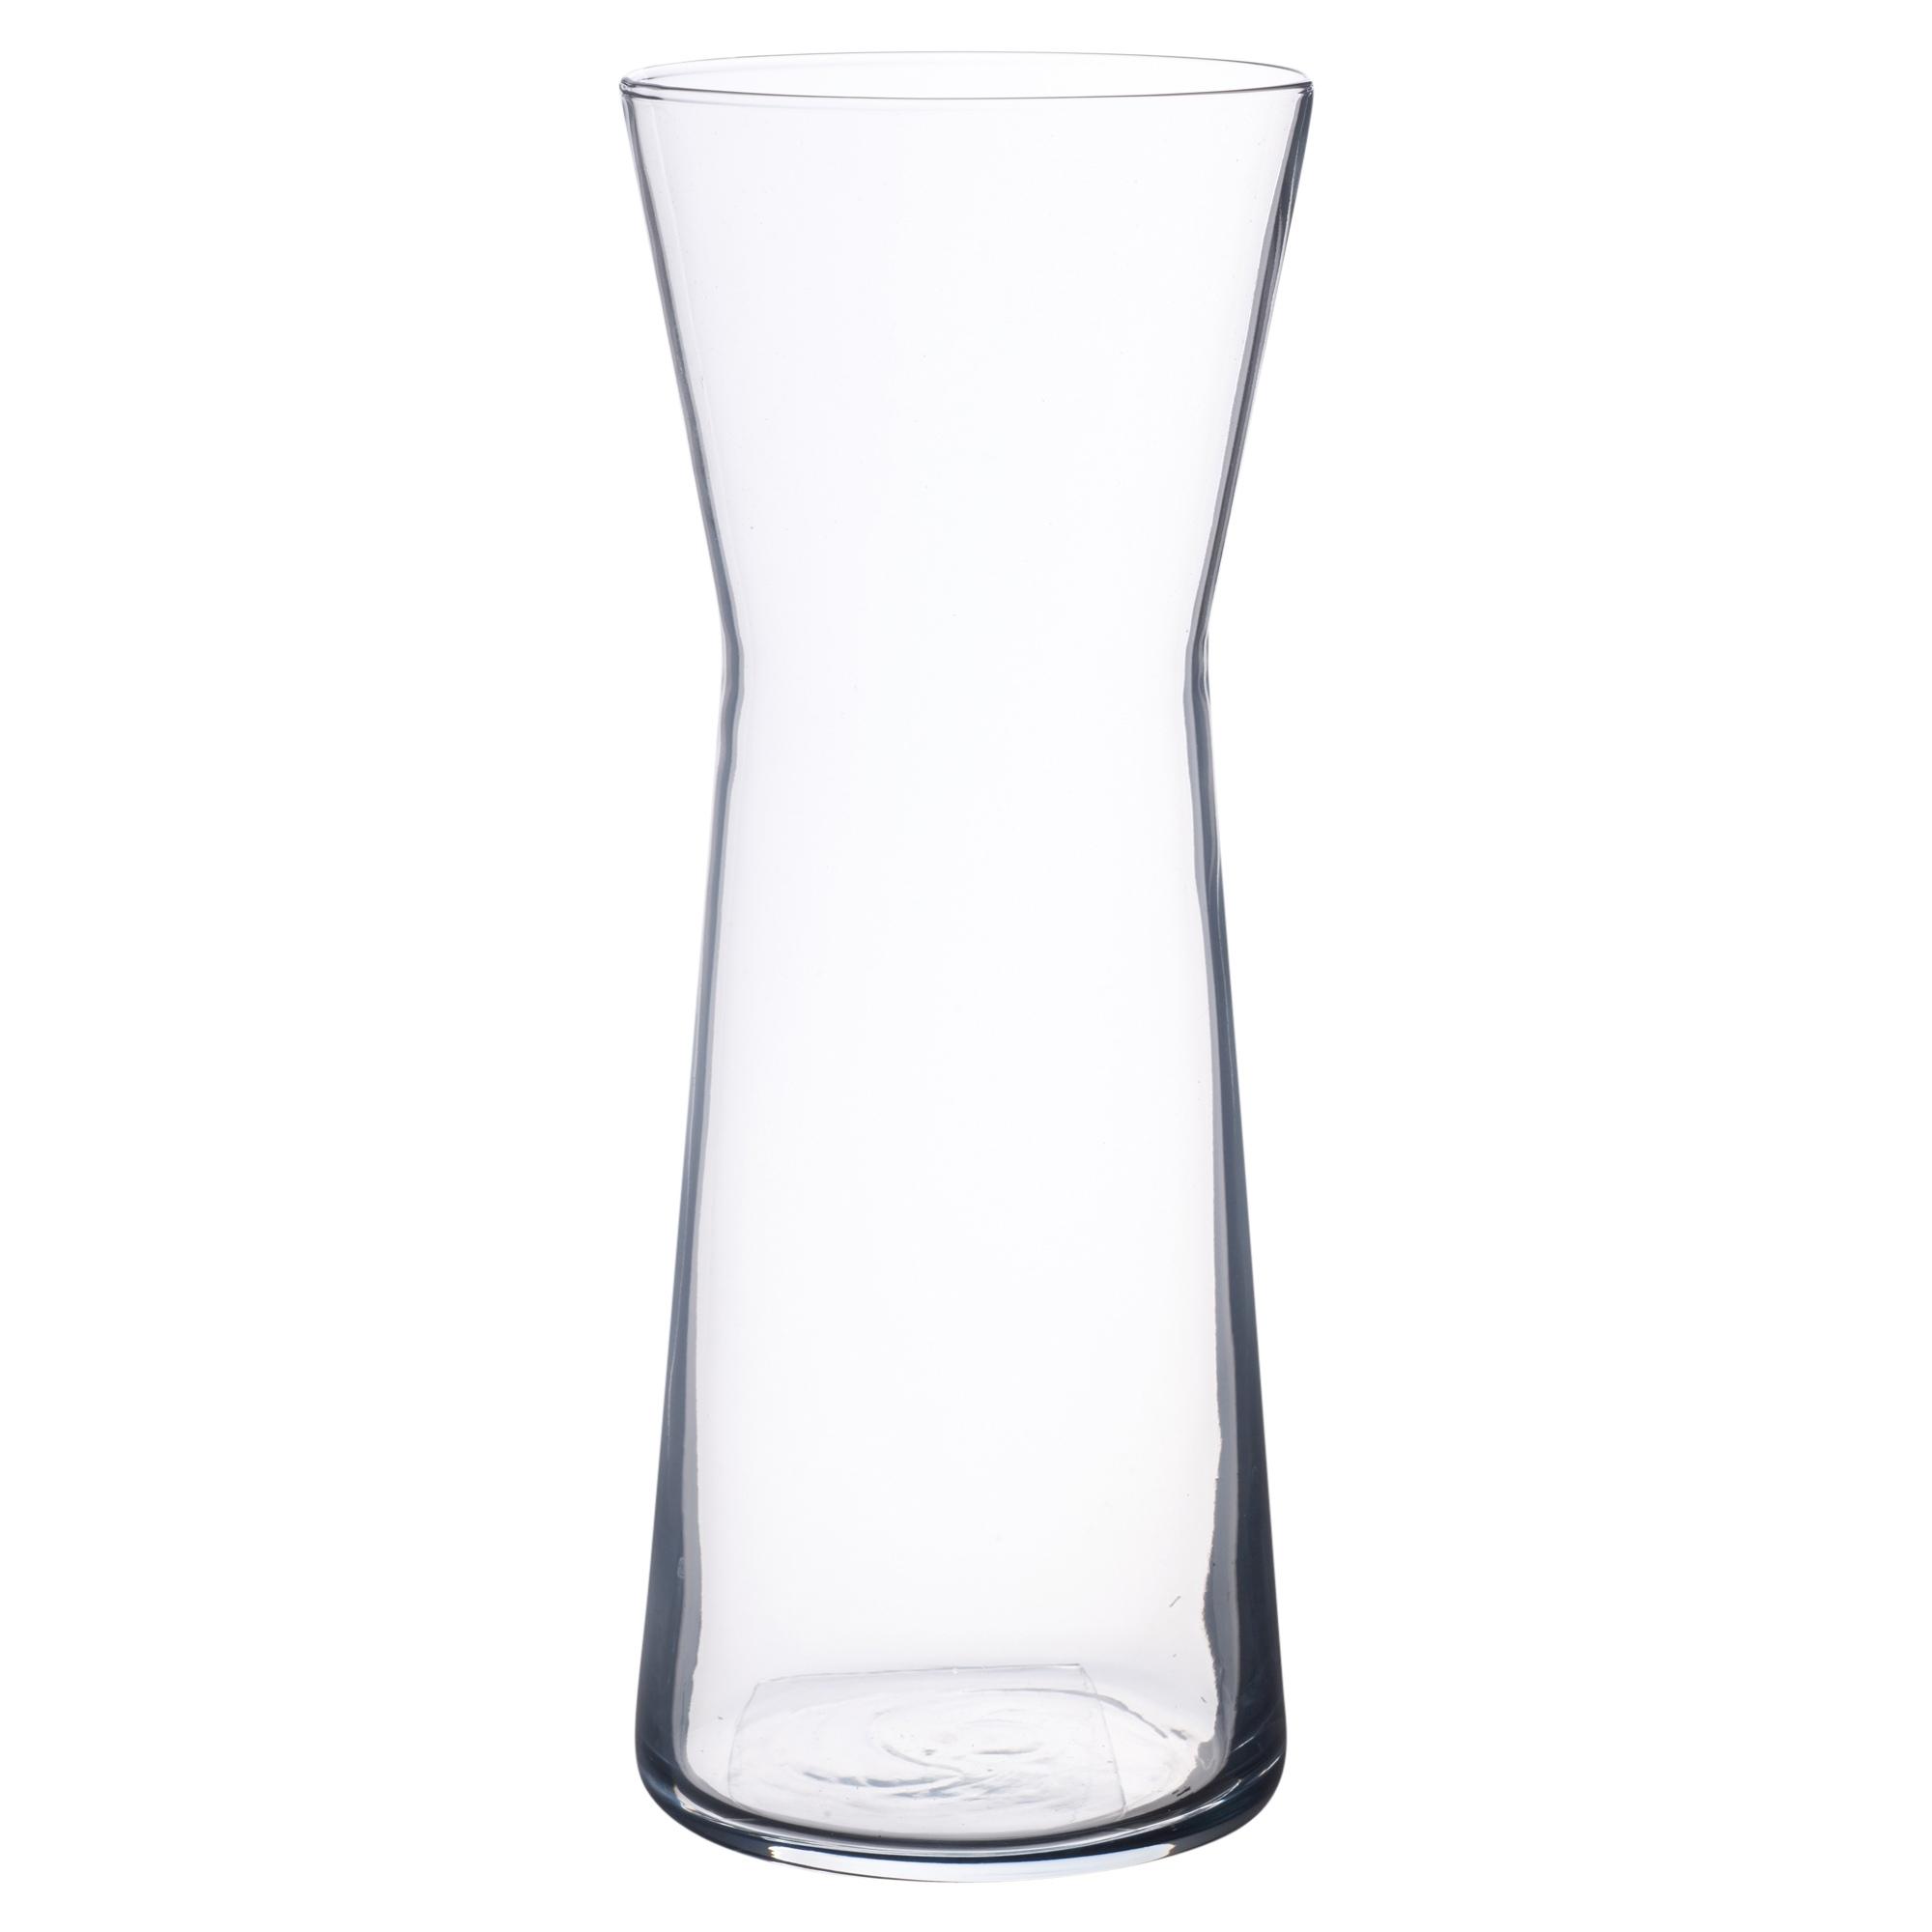 glass vase boconcept us clear vases en clean